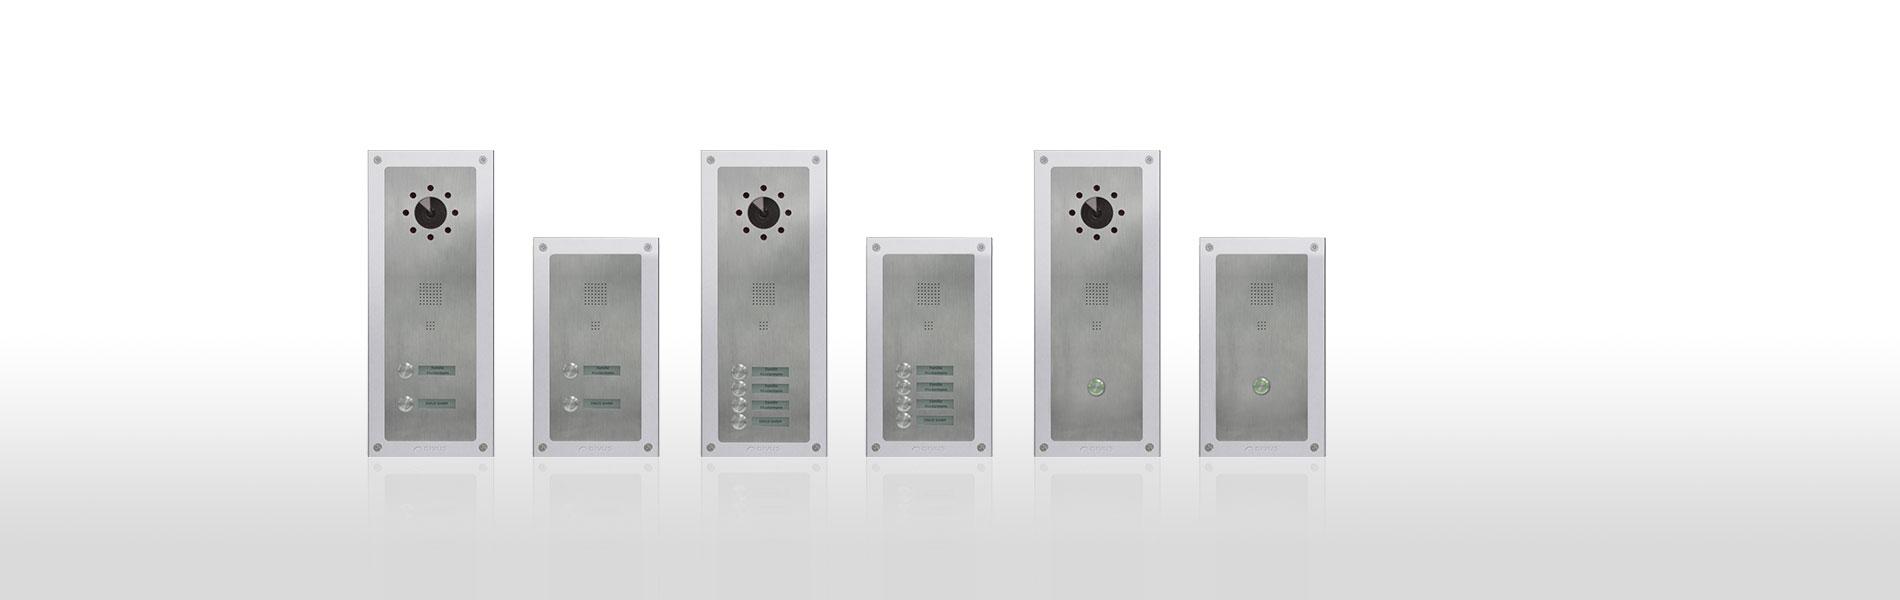 S-opendoor2